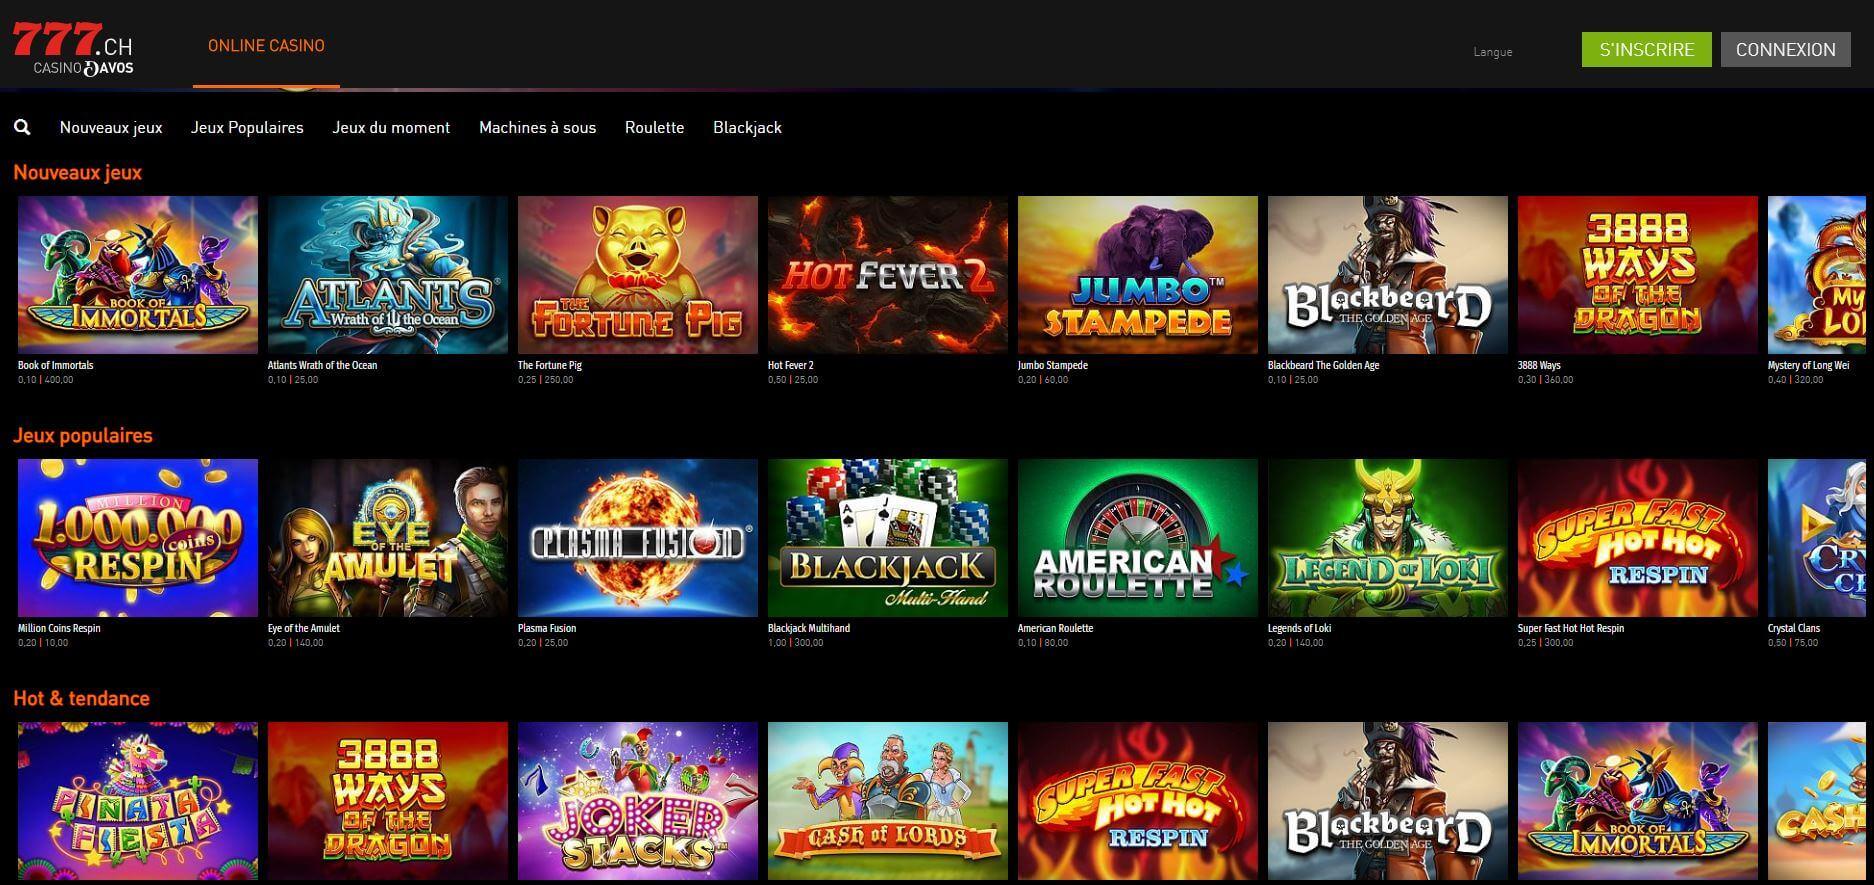 casino777 offre de jeux